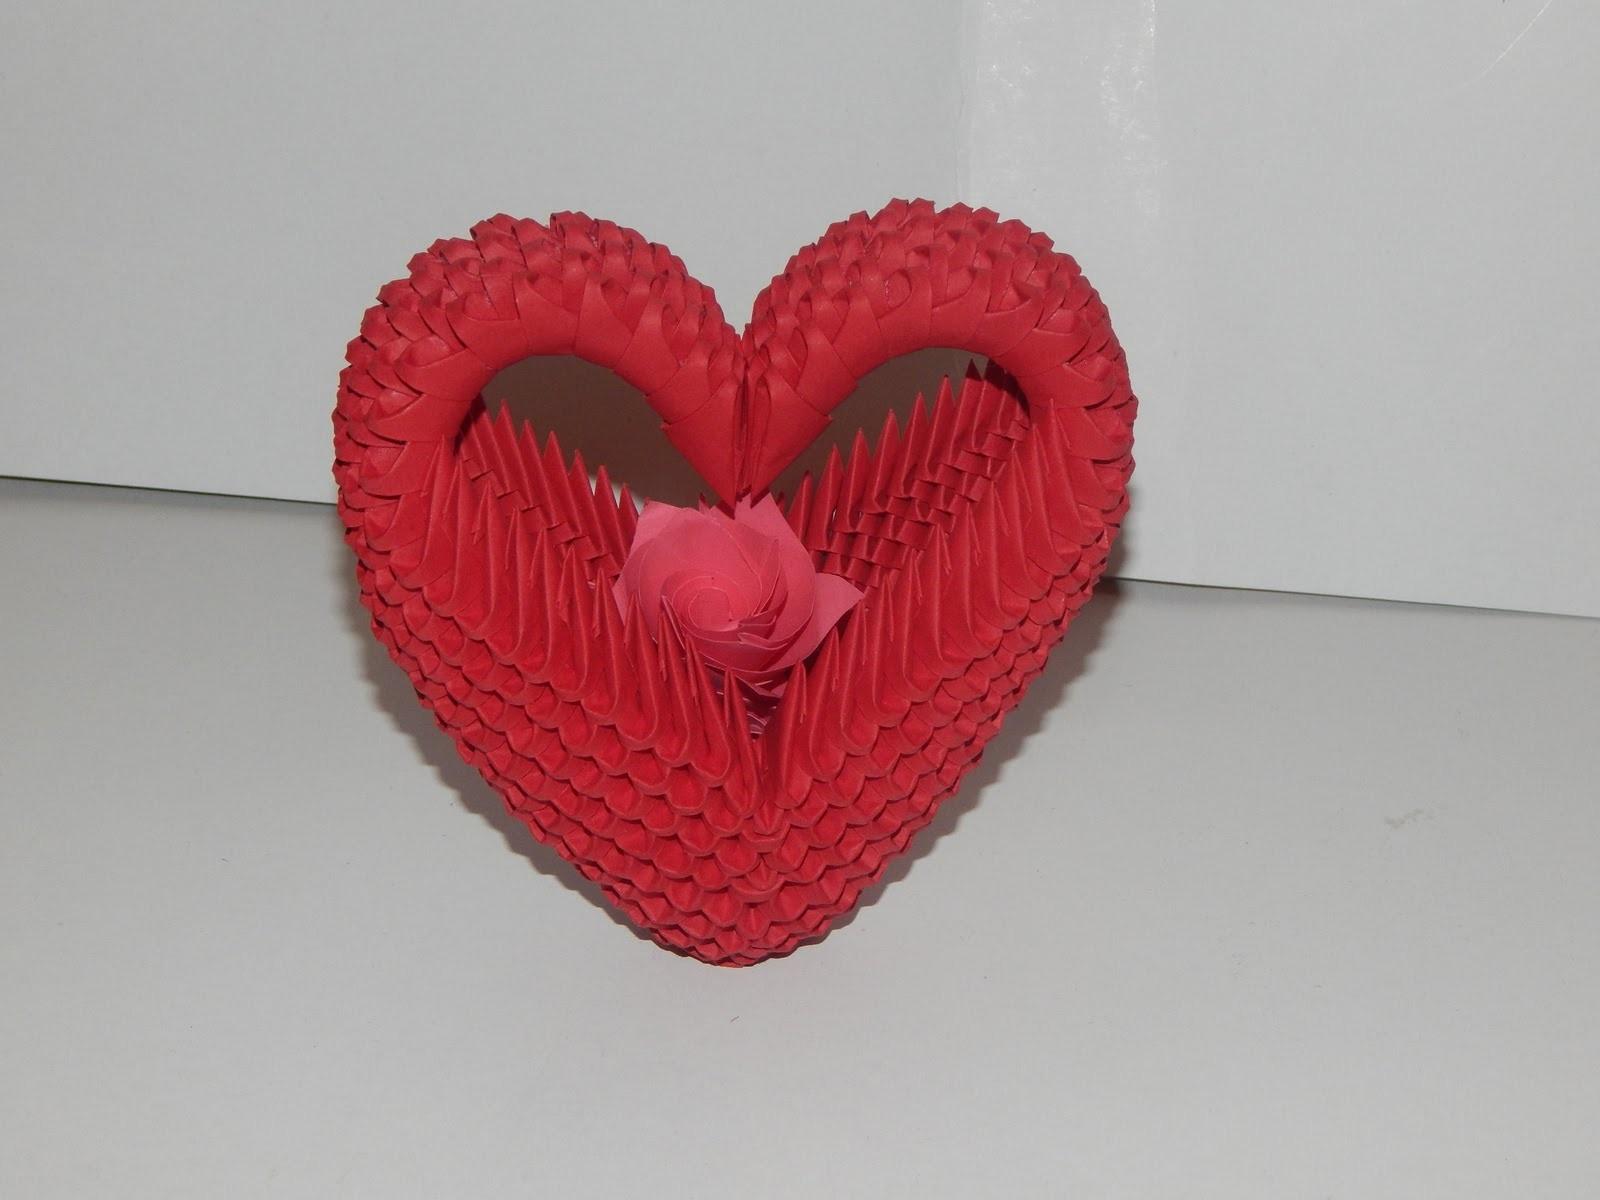 Объёмное сердце схемы модульные оригами